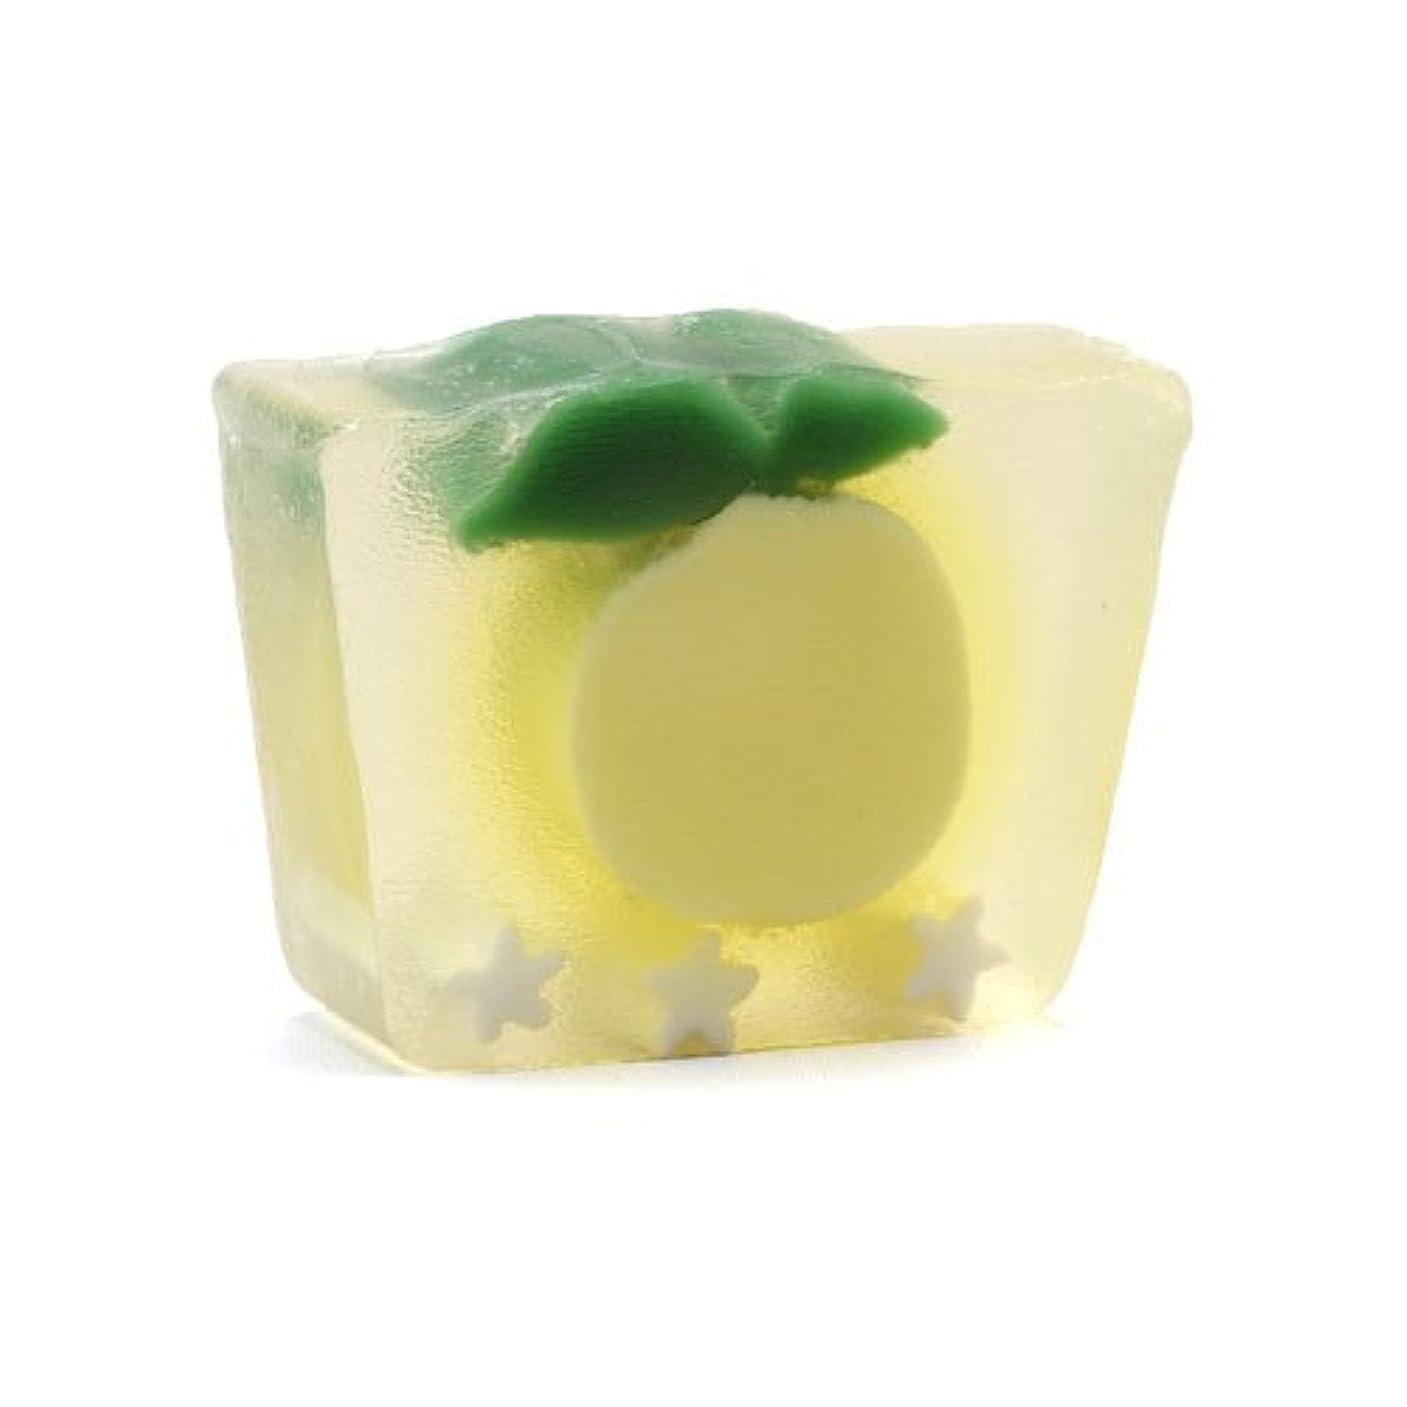 脱走感じブロープライモールエレメンツ アロマティック ミニソープ カリフォルニアレモン 80g 植物性 ナチュラル 石鹸 無添加